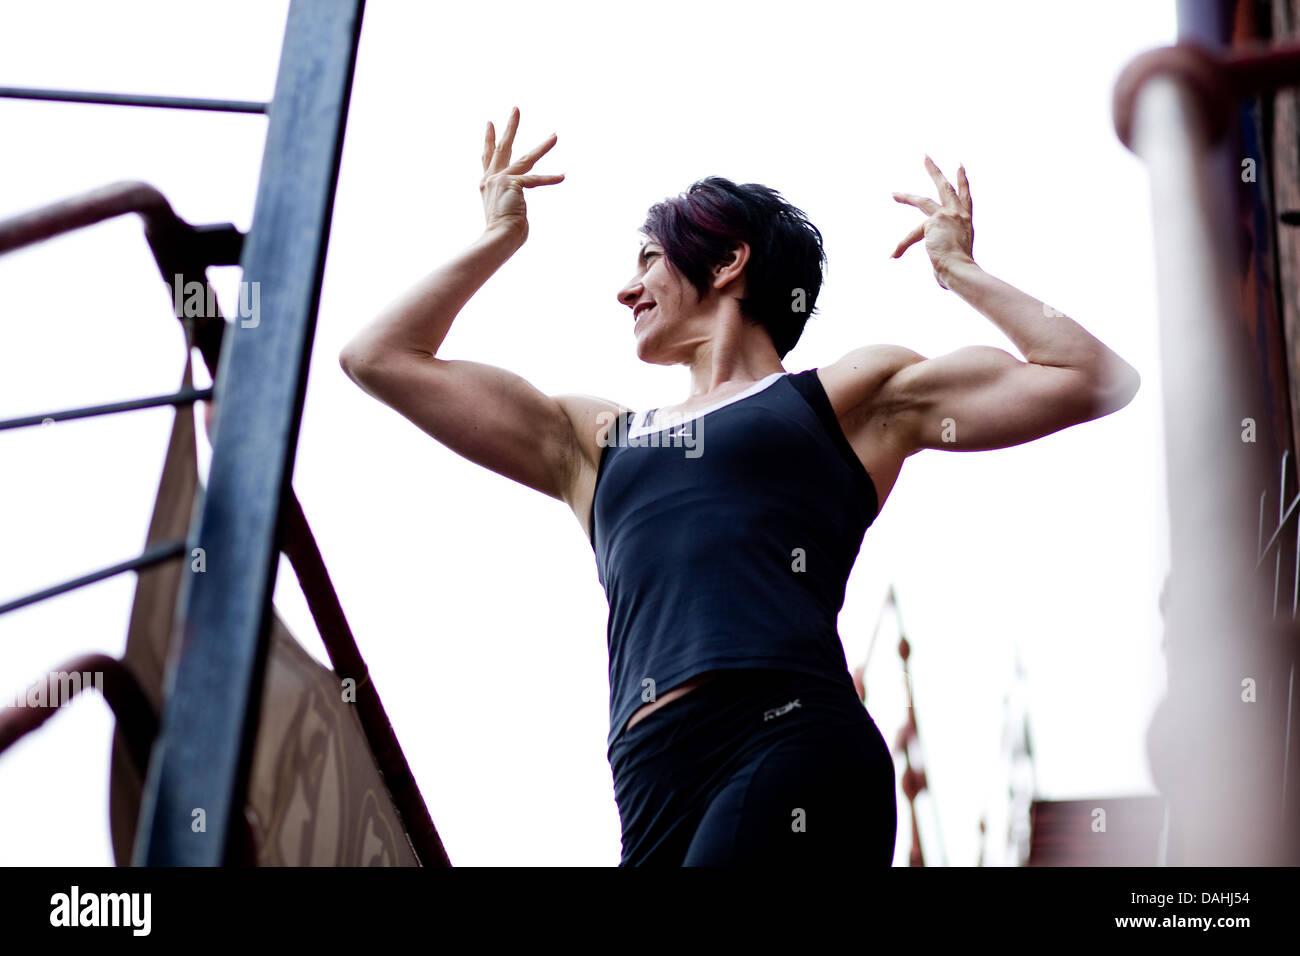 Jo Perruzza allestitore carrozziere di bodybuilding body building Immagini Stock